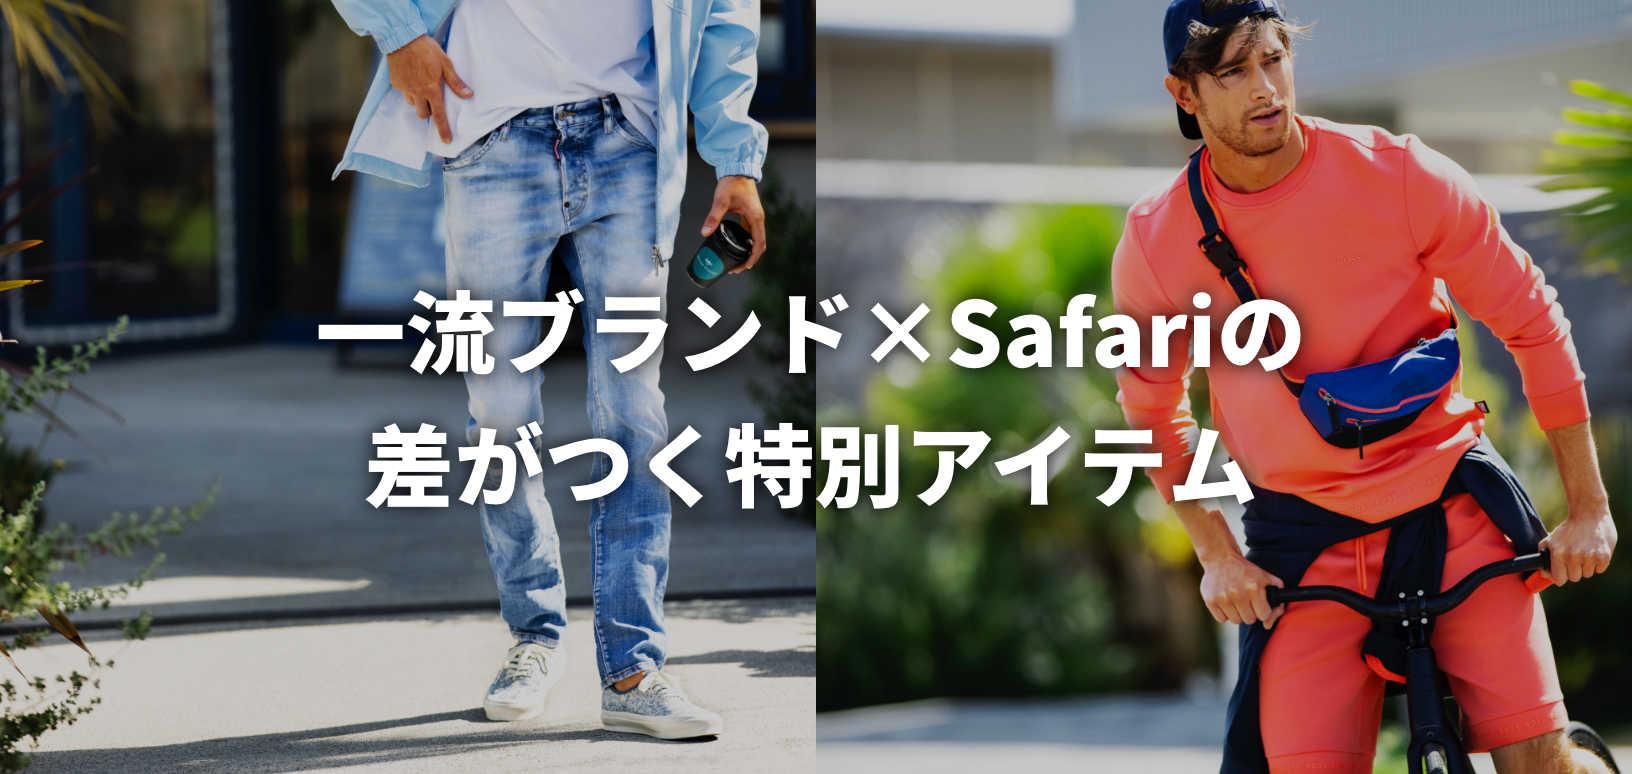 一流ブランド×Safariの差がつく特別アイテム